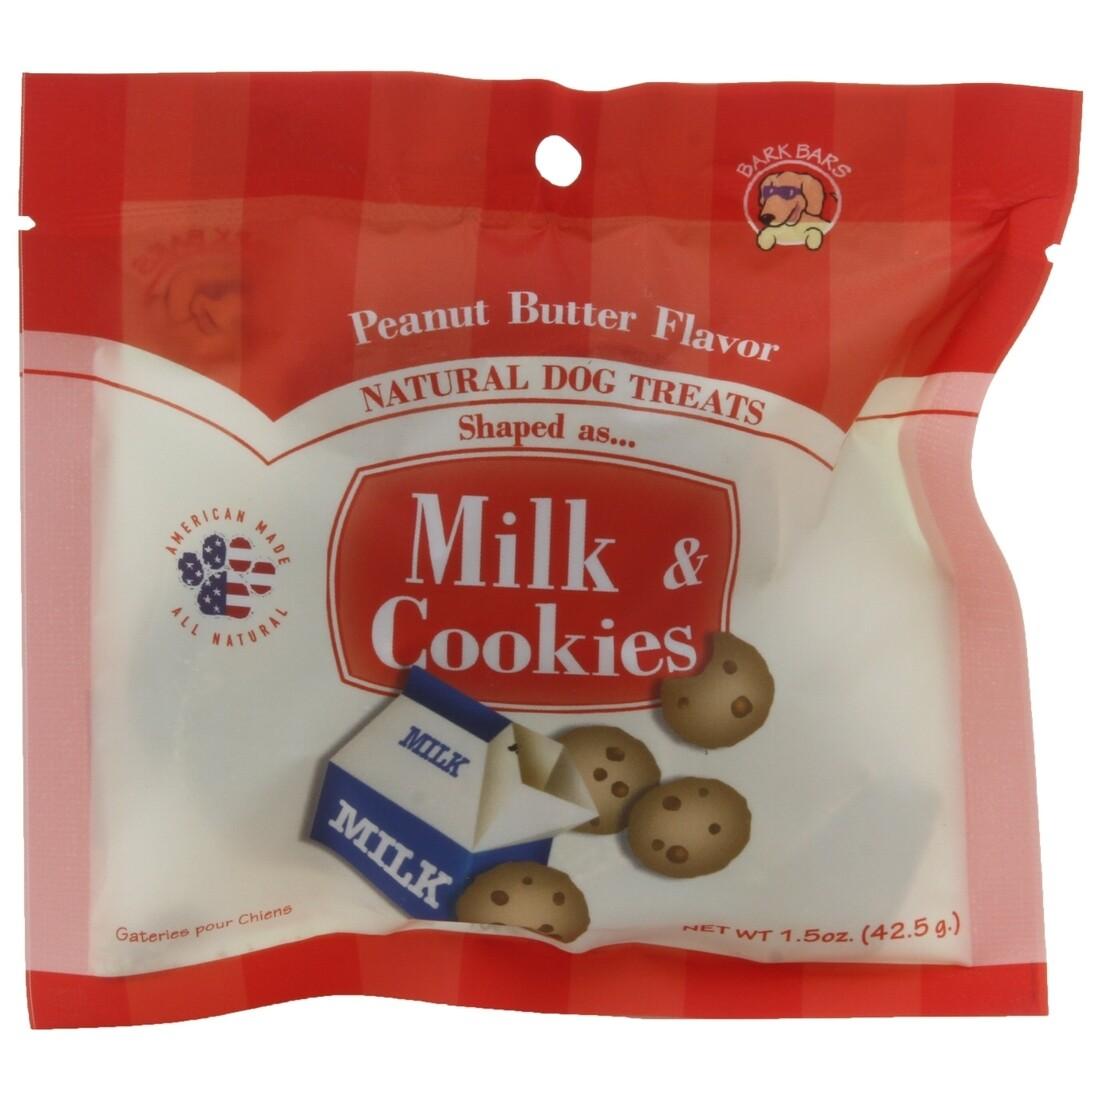 Milk & Cookies Pack